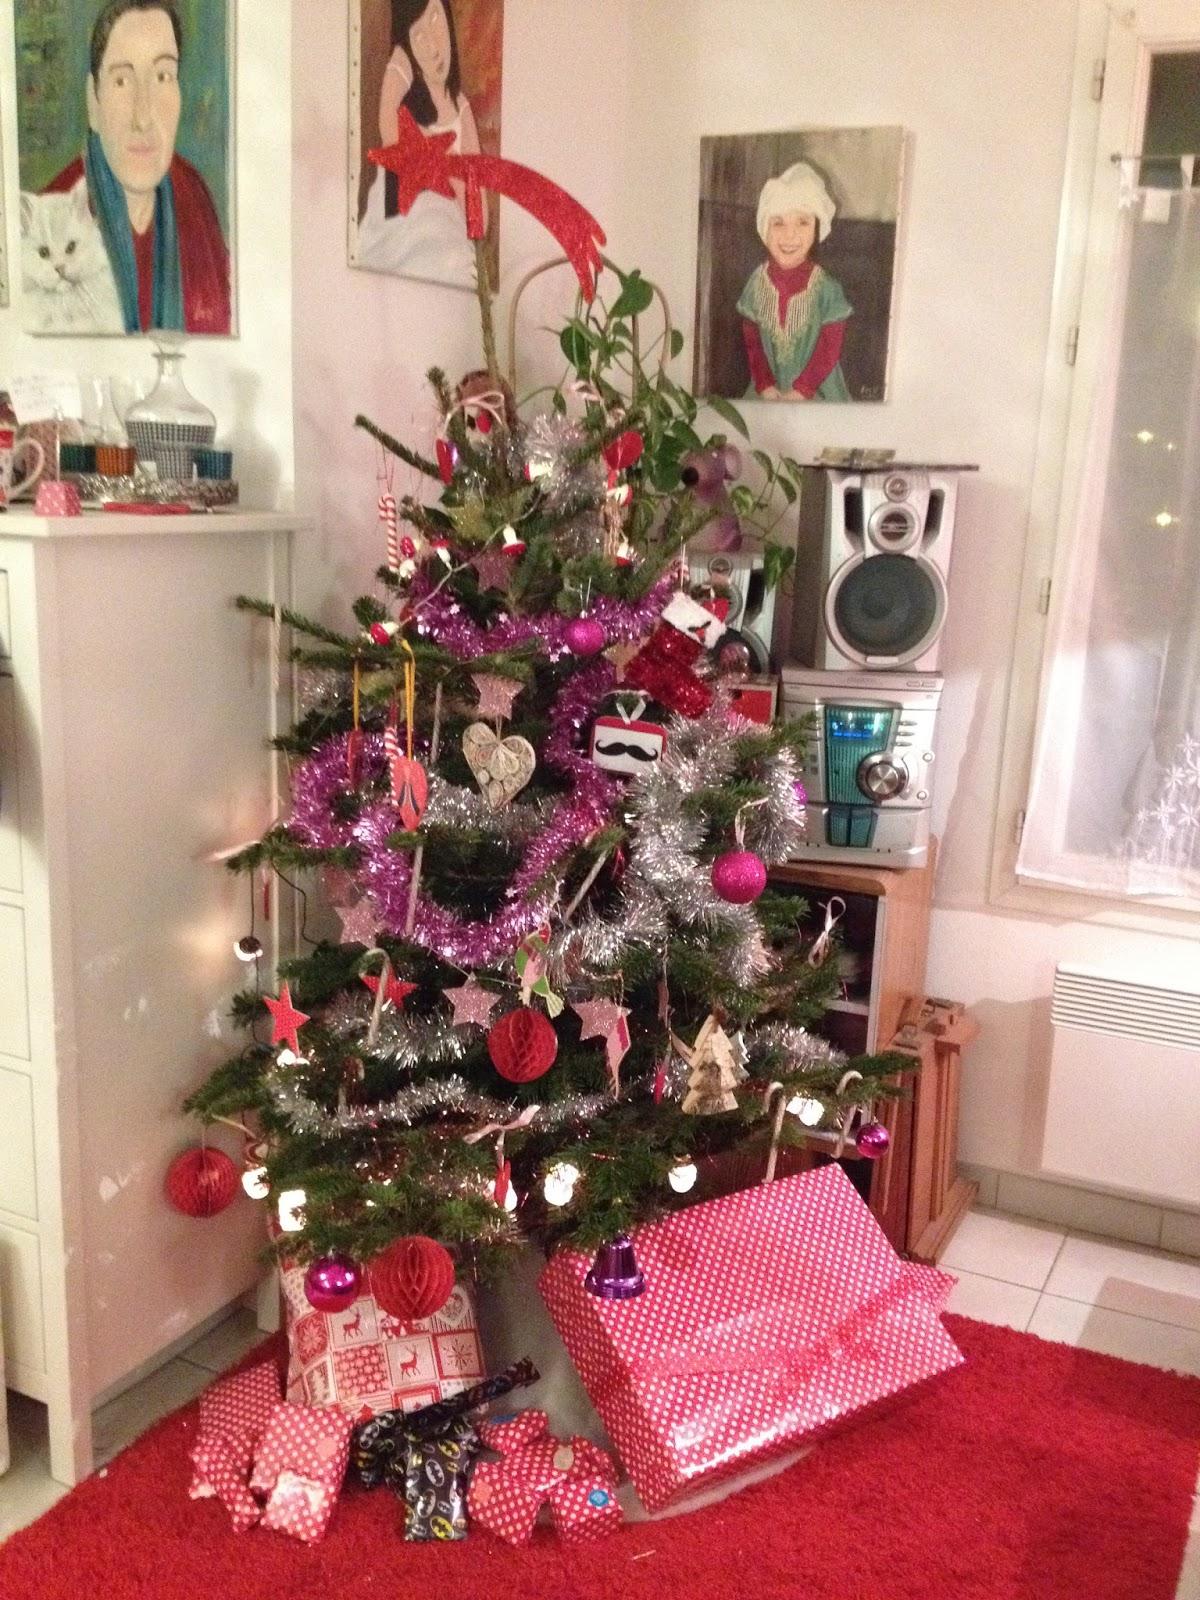 #A9222E Roseisarose: Décoration * Noël Joyeux Noël 6439 décoration noel lidl 1200x1600 px @ aertt.com